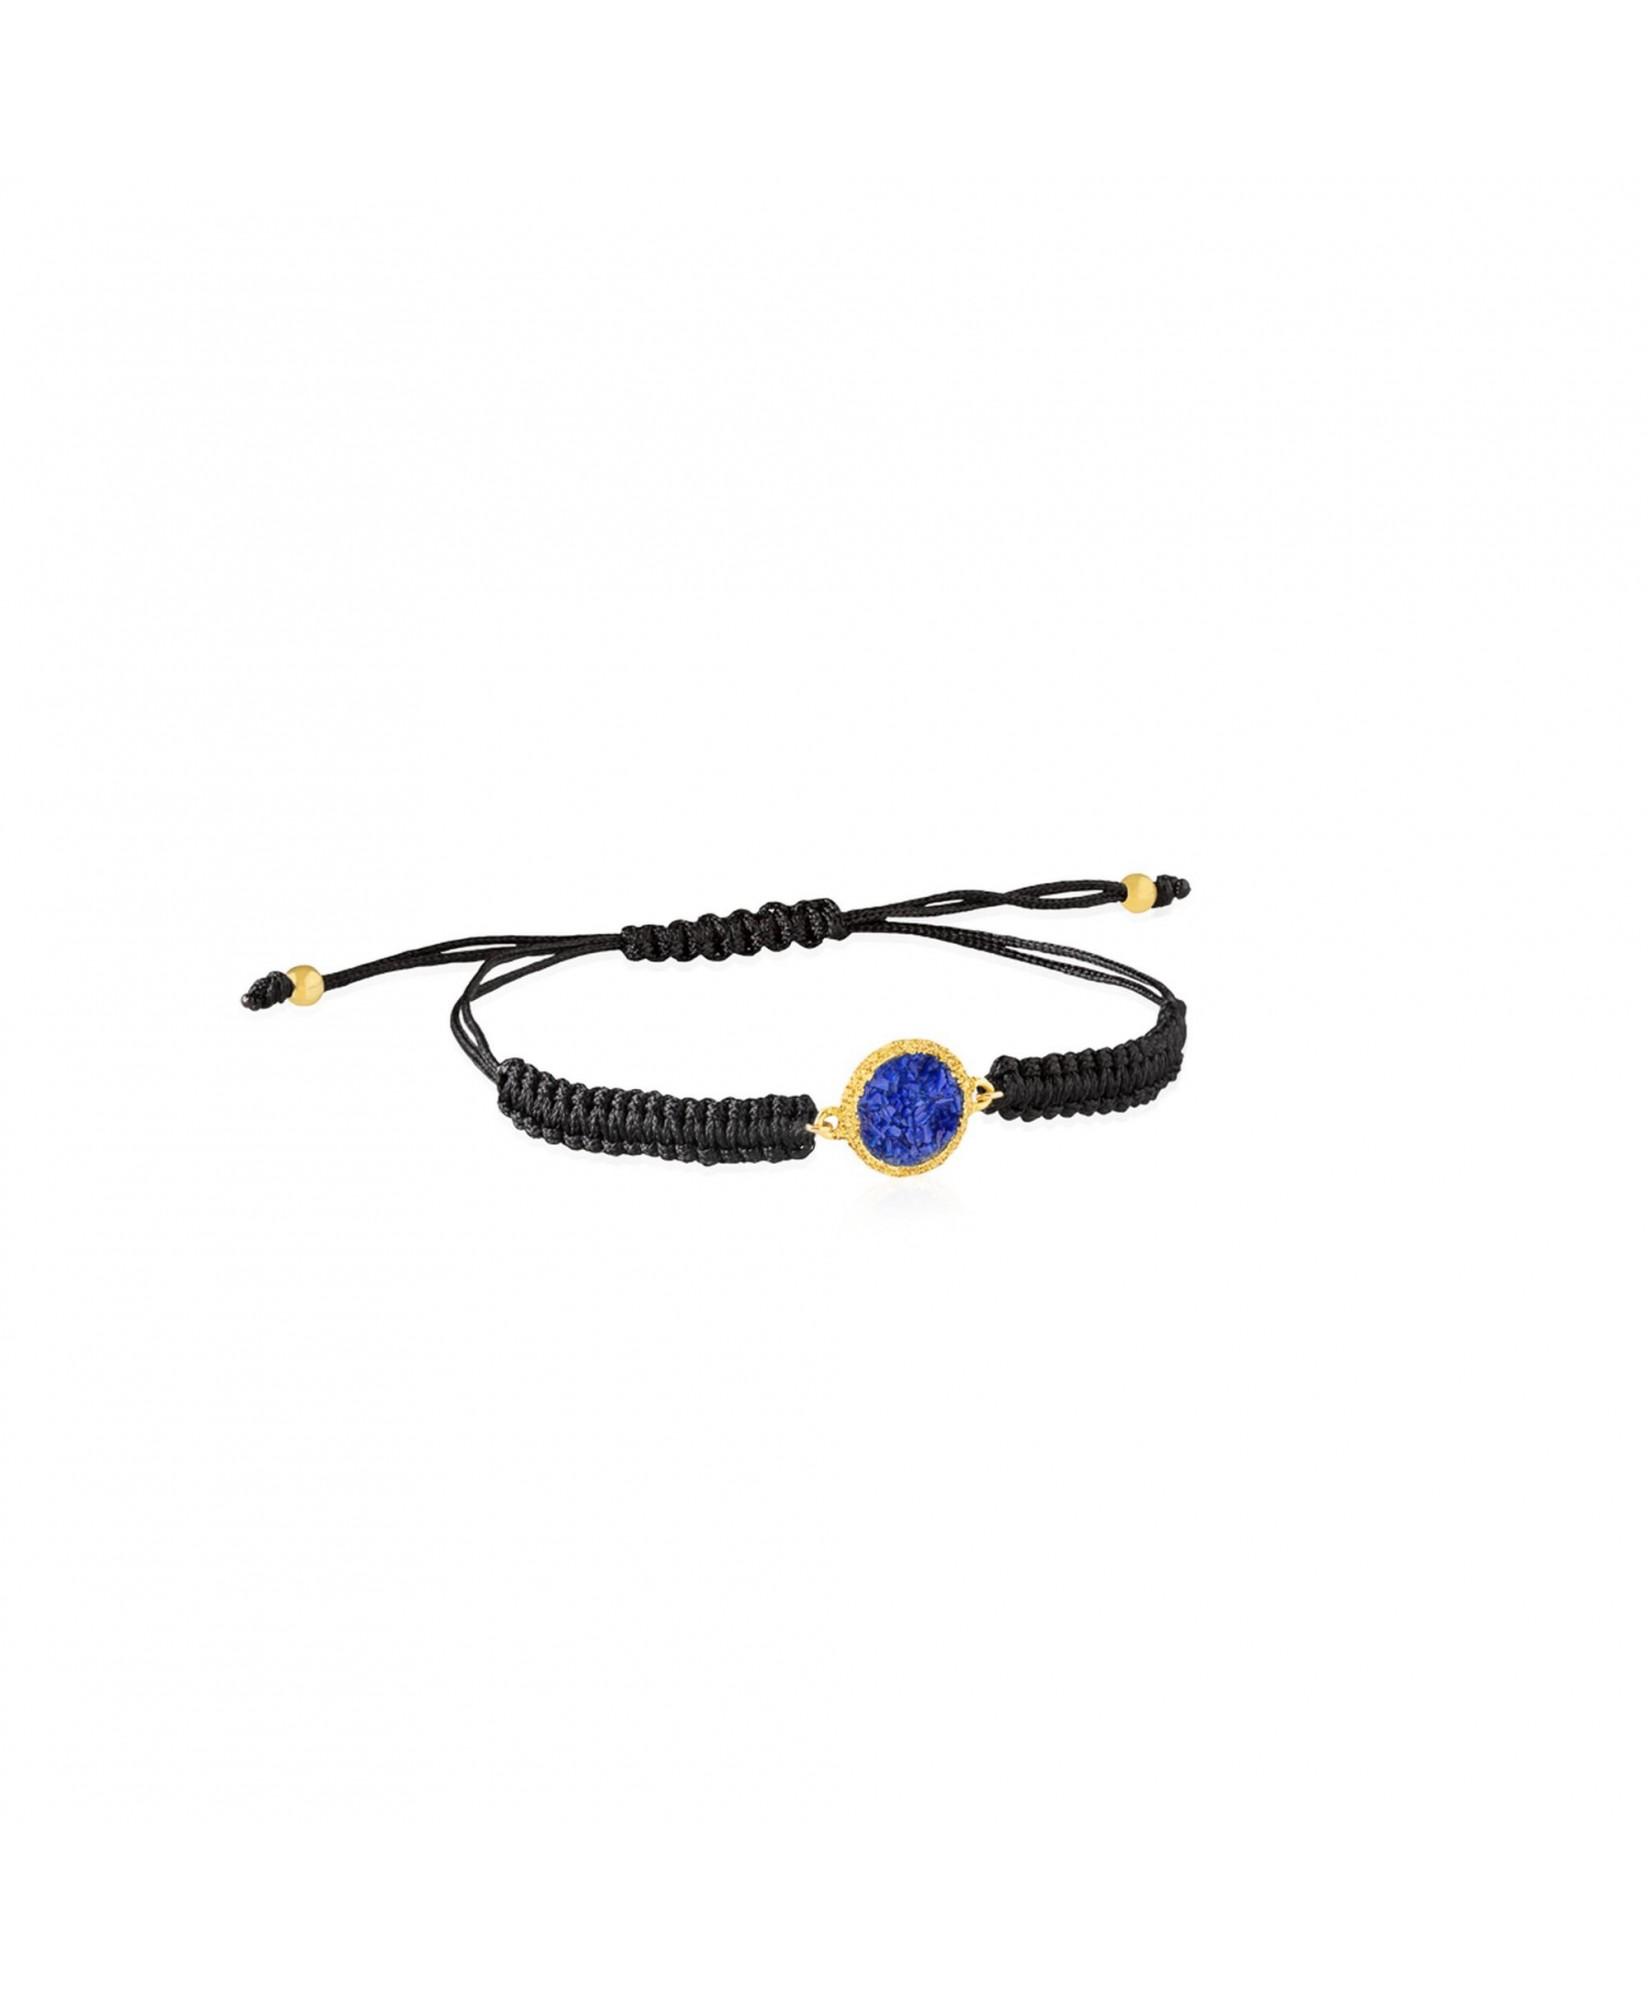 Pulsera de cordón y oro Klein con nácar azul Pulsera de cordón y oro Klein con nácar azul